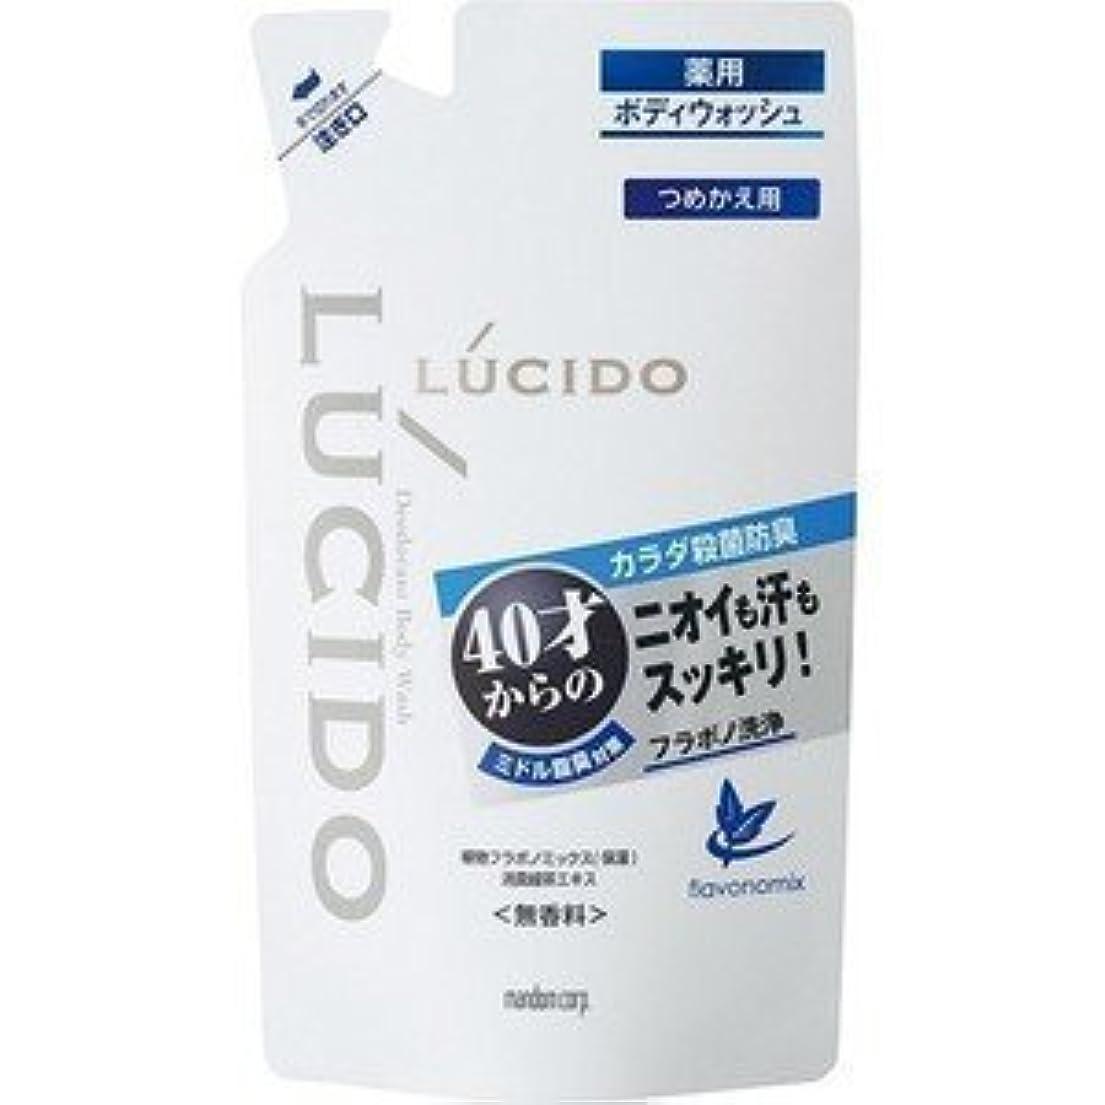 光の緩むユーザー【LUCIDO】ルシード 薬用デオドラントボディウォッシュ つめかえ用 380ml(医薬部外品)